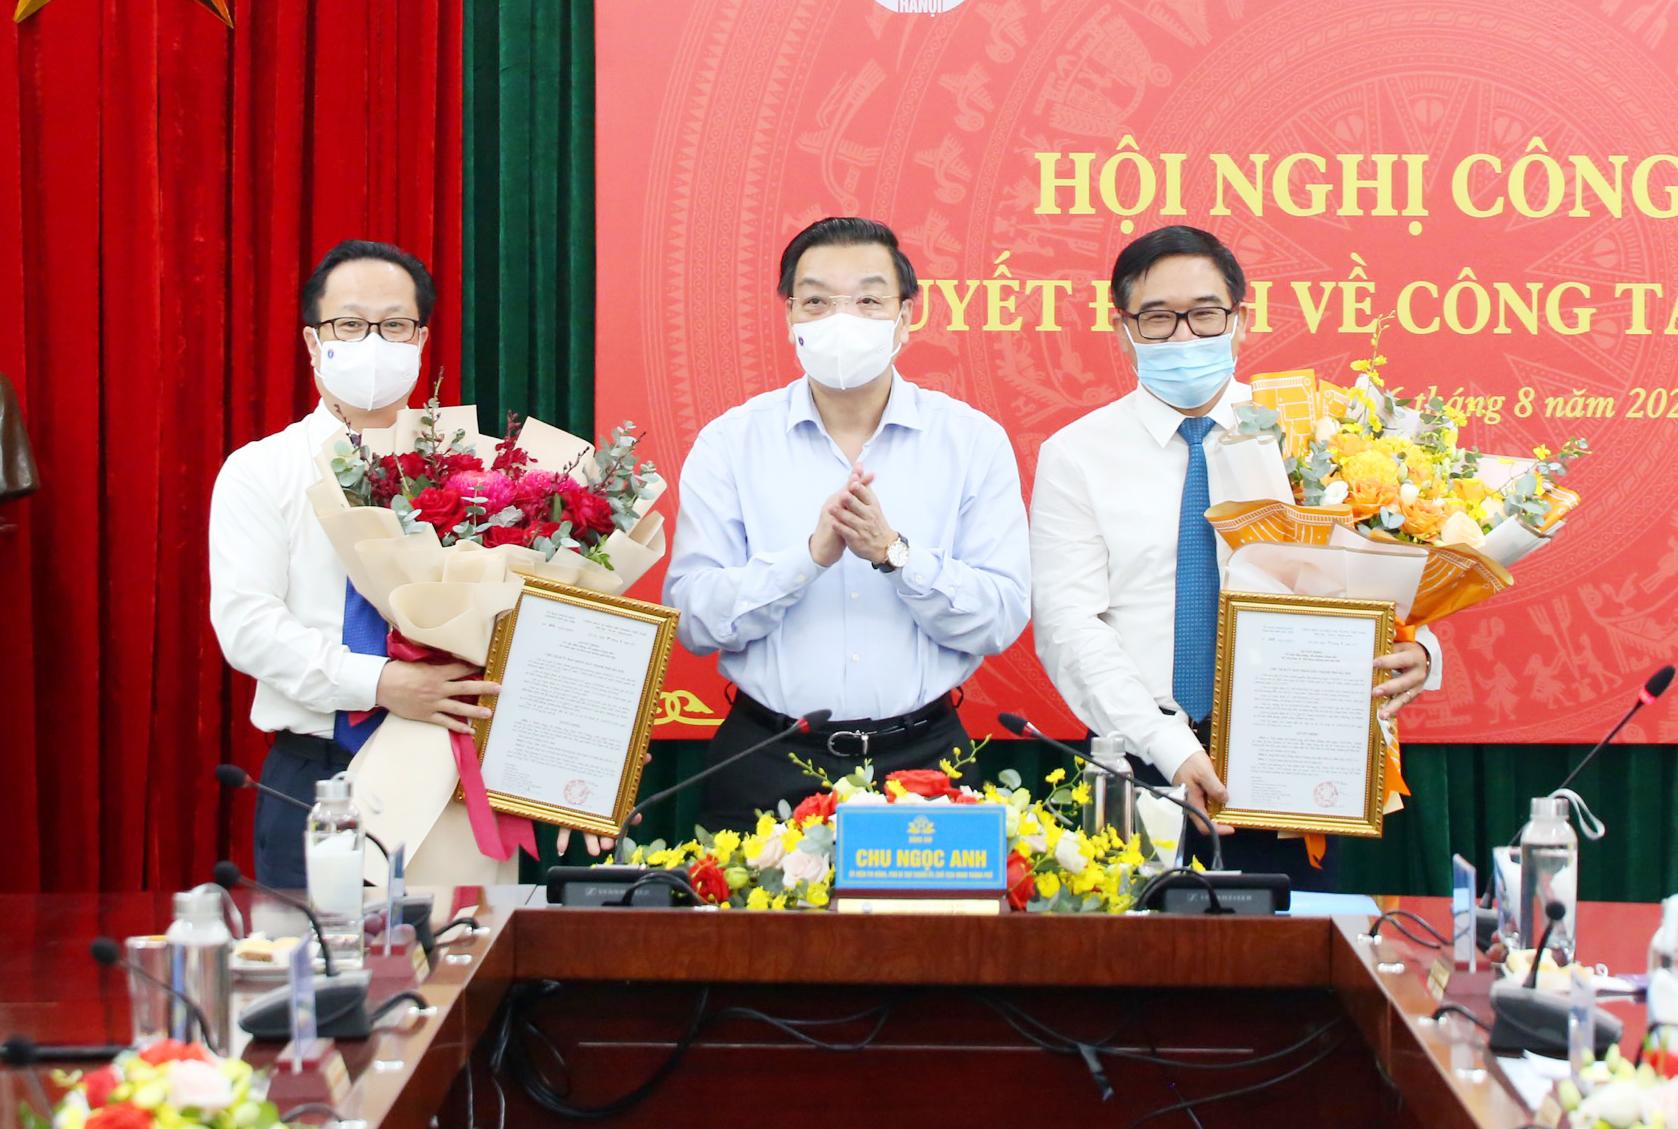 Công bố quyết định về việc tiếp nhận, bổ nhiệm Giám đốc Sở Văn hoá và Thể thao Hà Nội